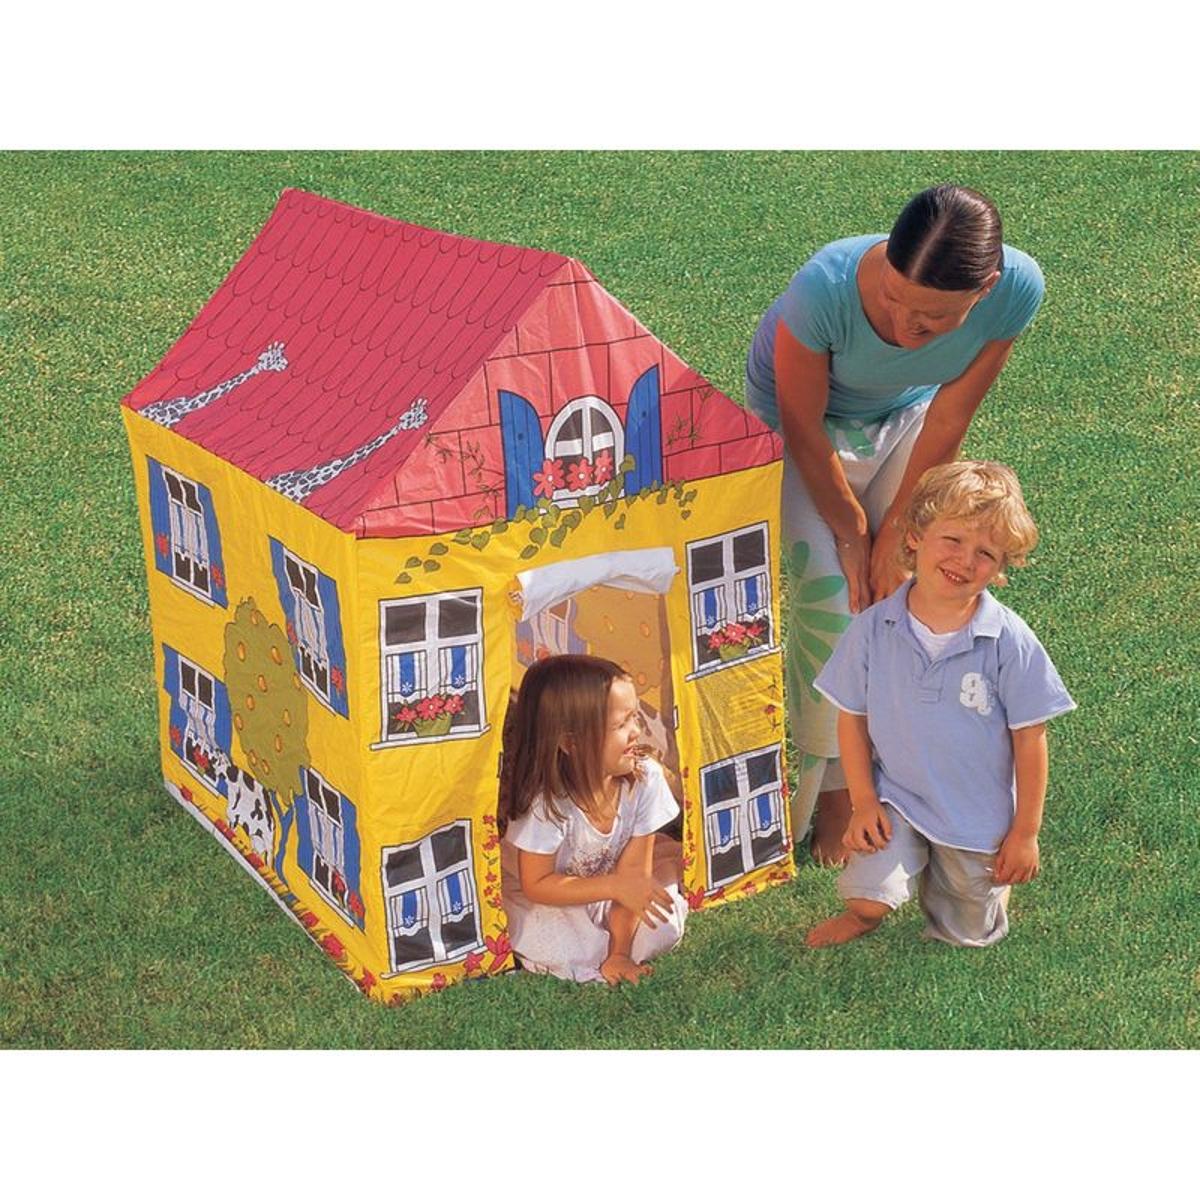 Cabane enfant - Maison d'enfant - 102 x 76cm x 114cm